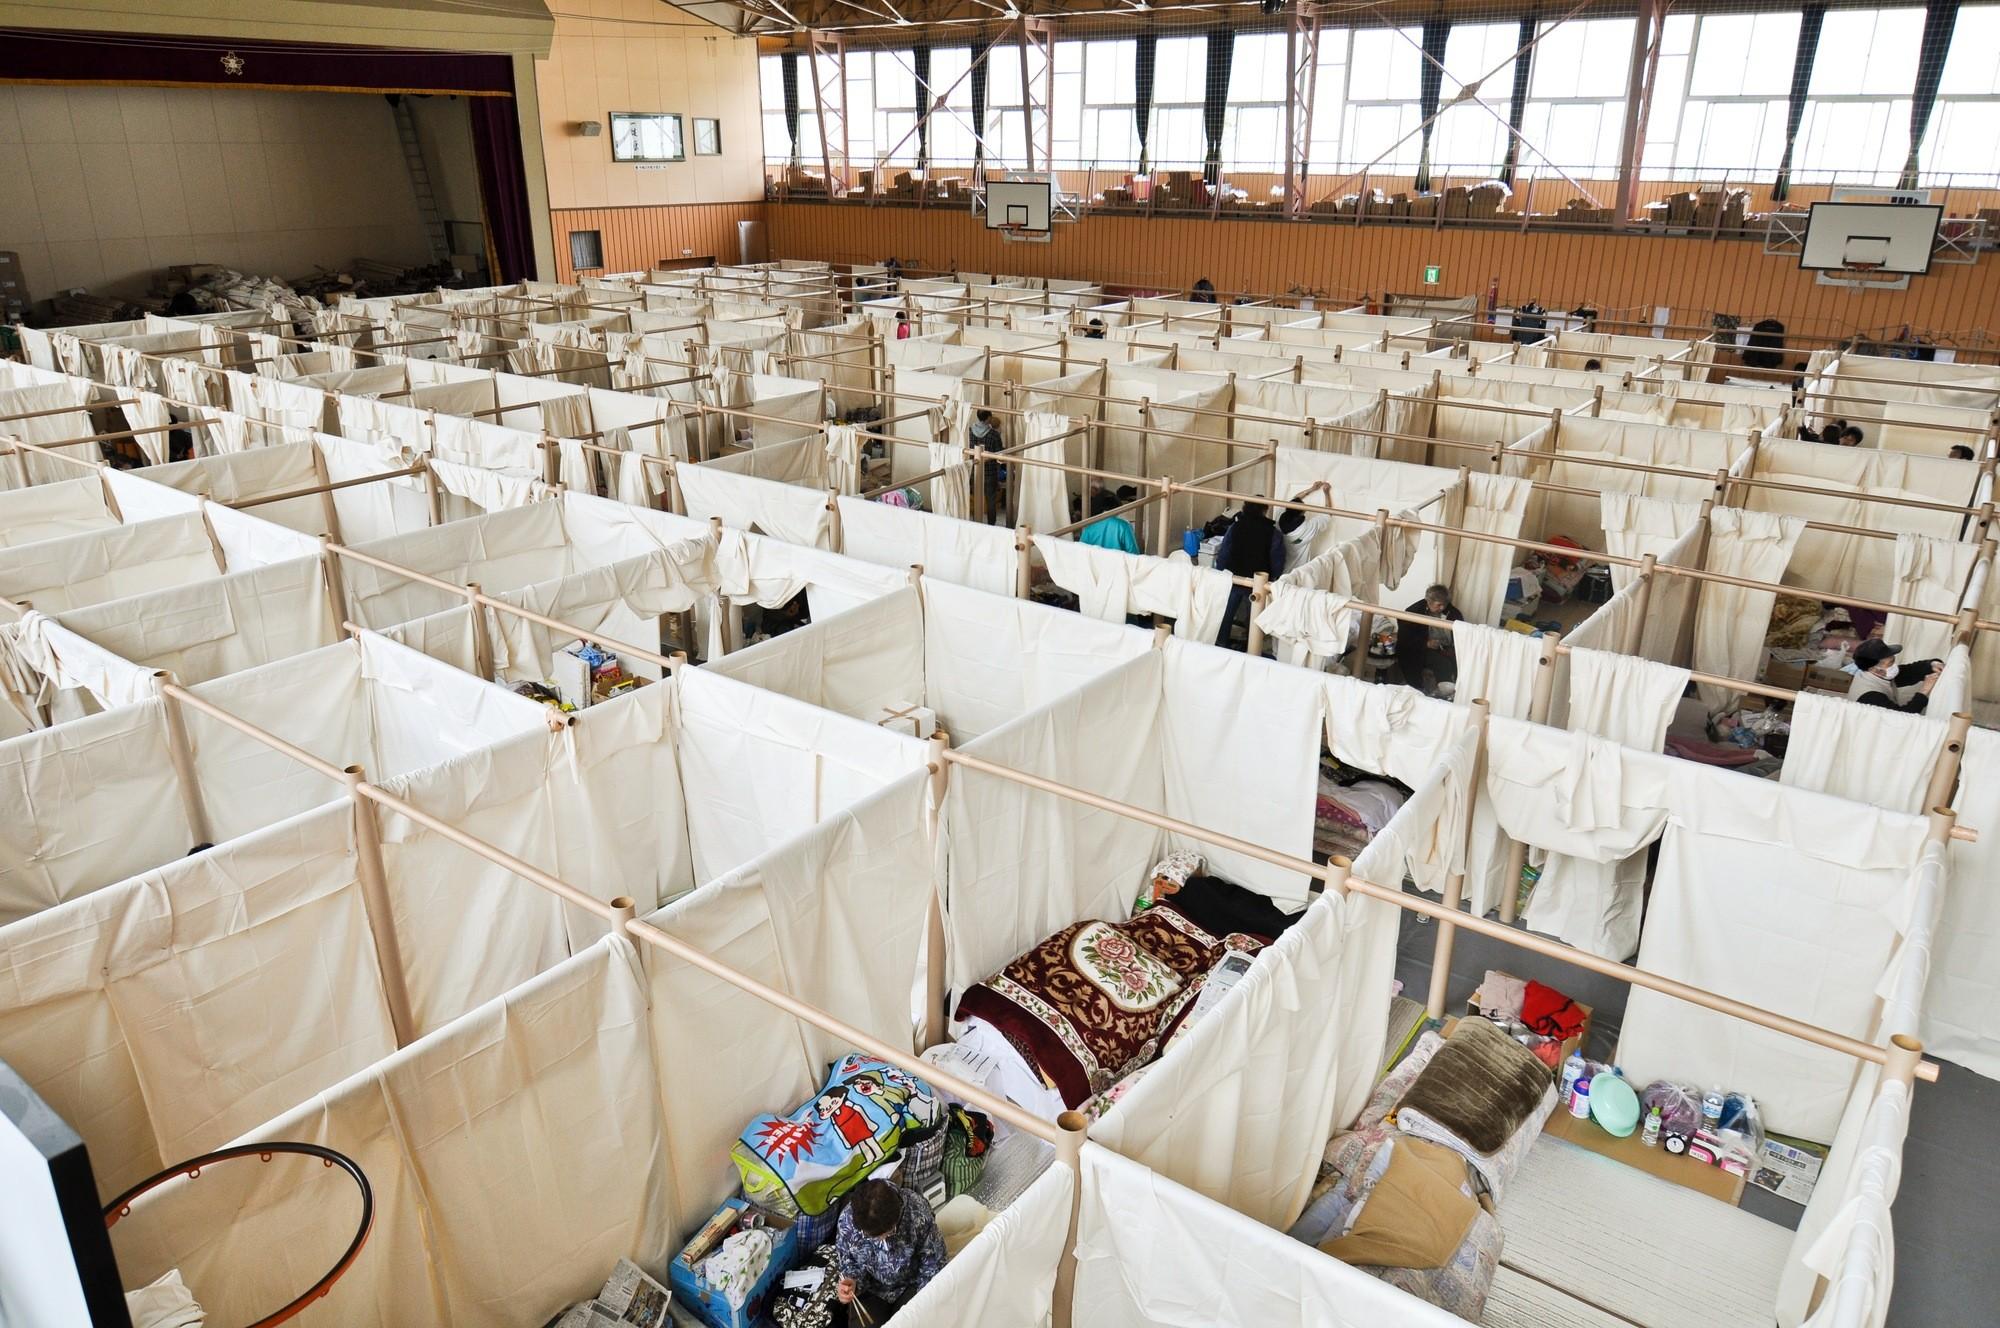 Refugio de papel y cartón para las víctimas del terremoto y tsunami en Japón. Image © Voluntary Architects' Network